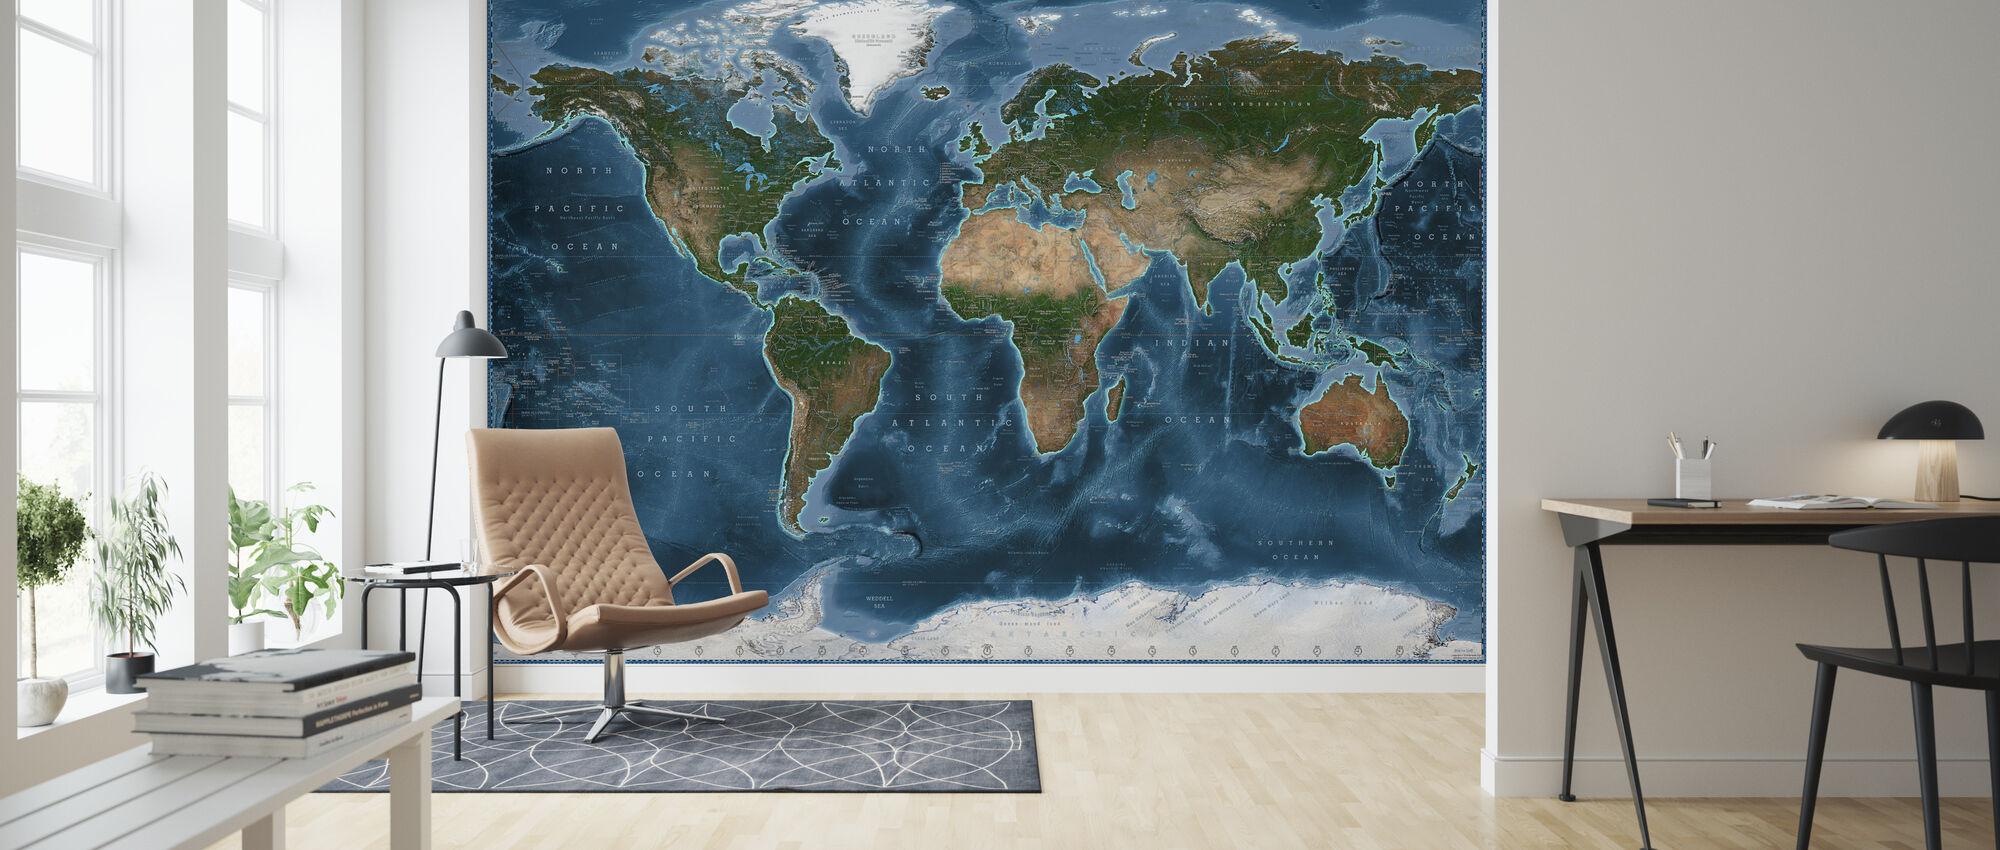 Satelite Map - Wallpaper - Living Room